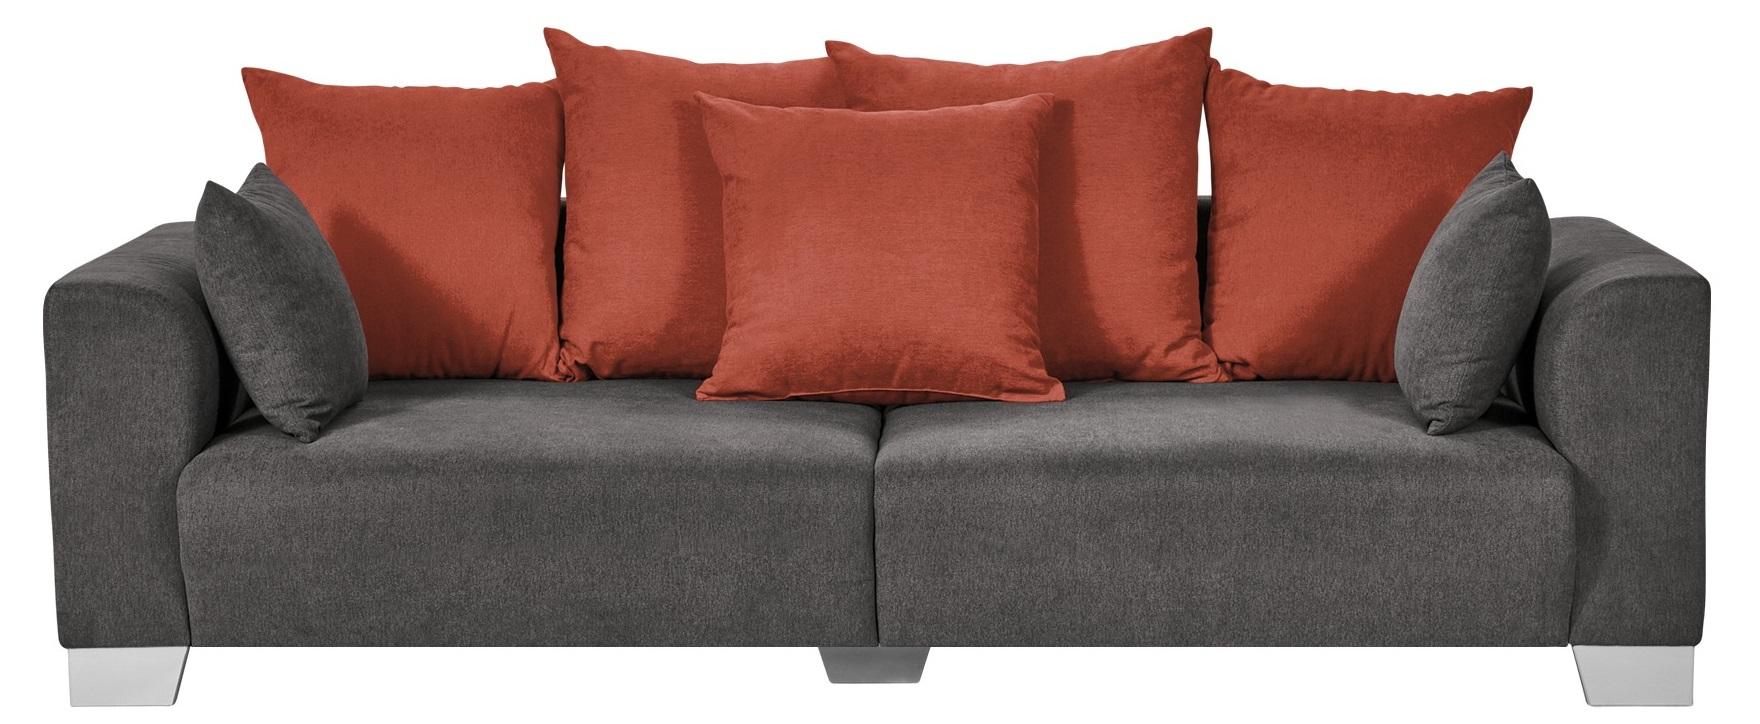 Künstlerisch Höffner Gutschein Referenz Von Big Sofa Tonja Von Smart Für 200,33€